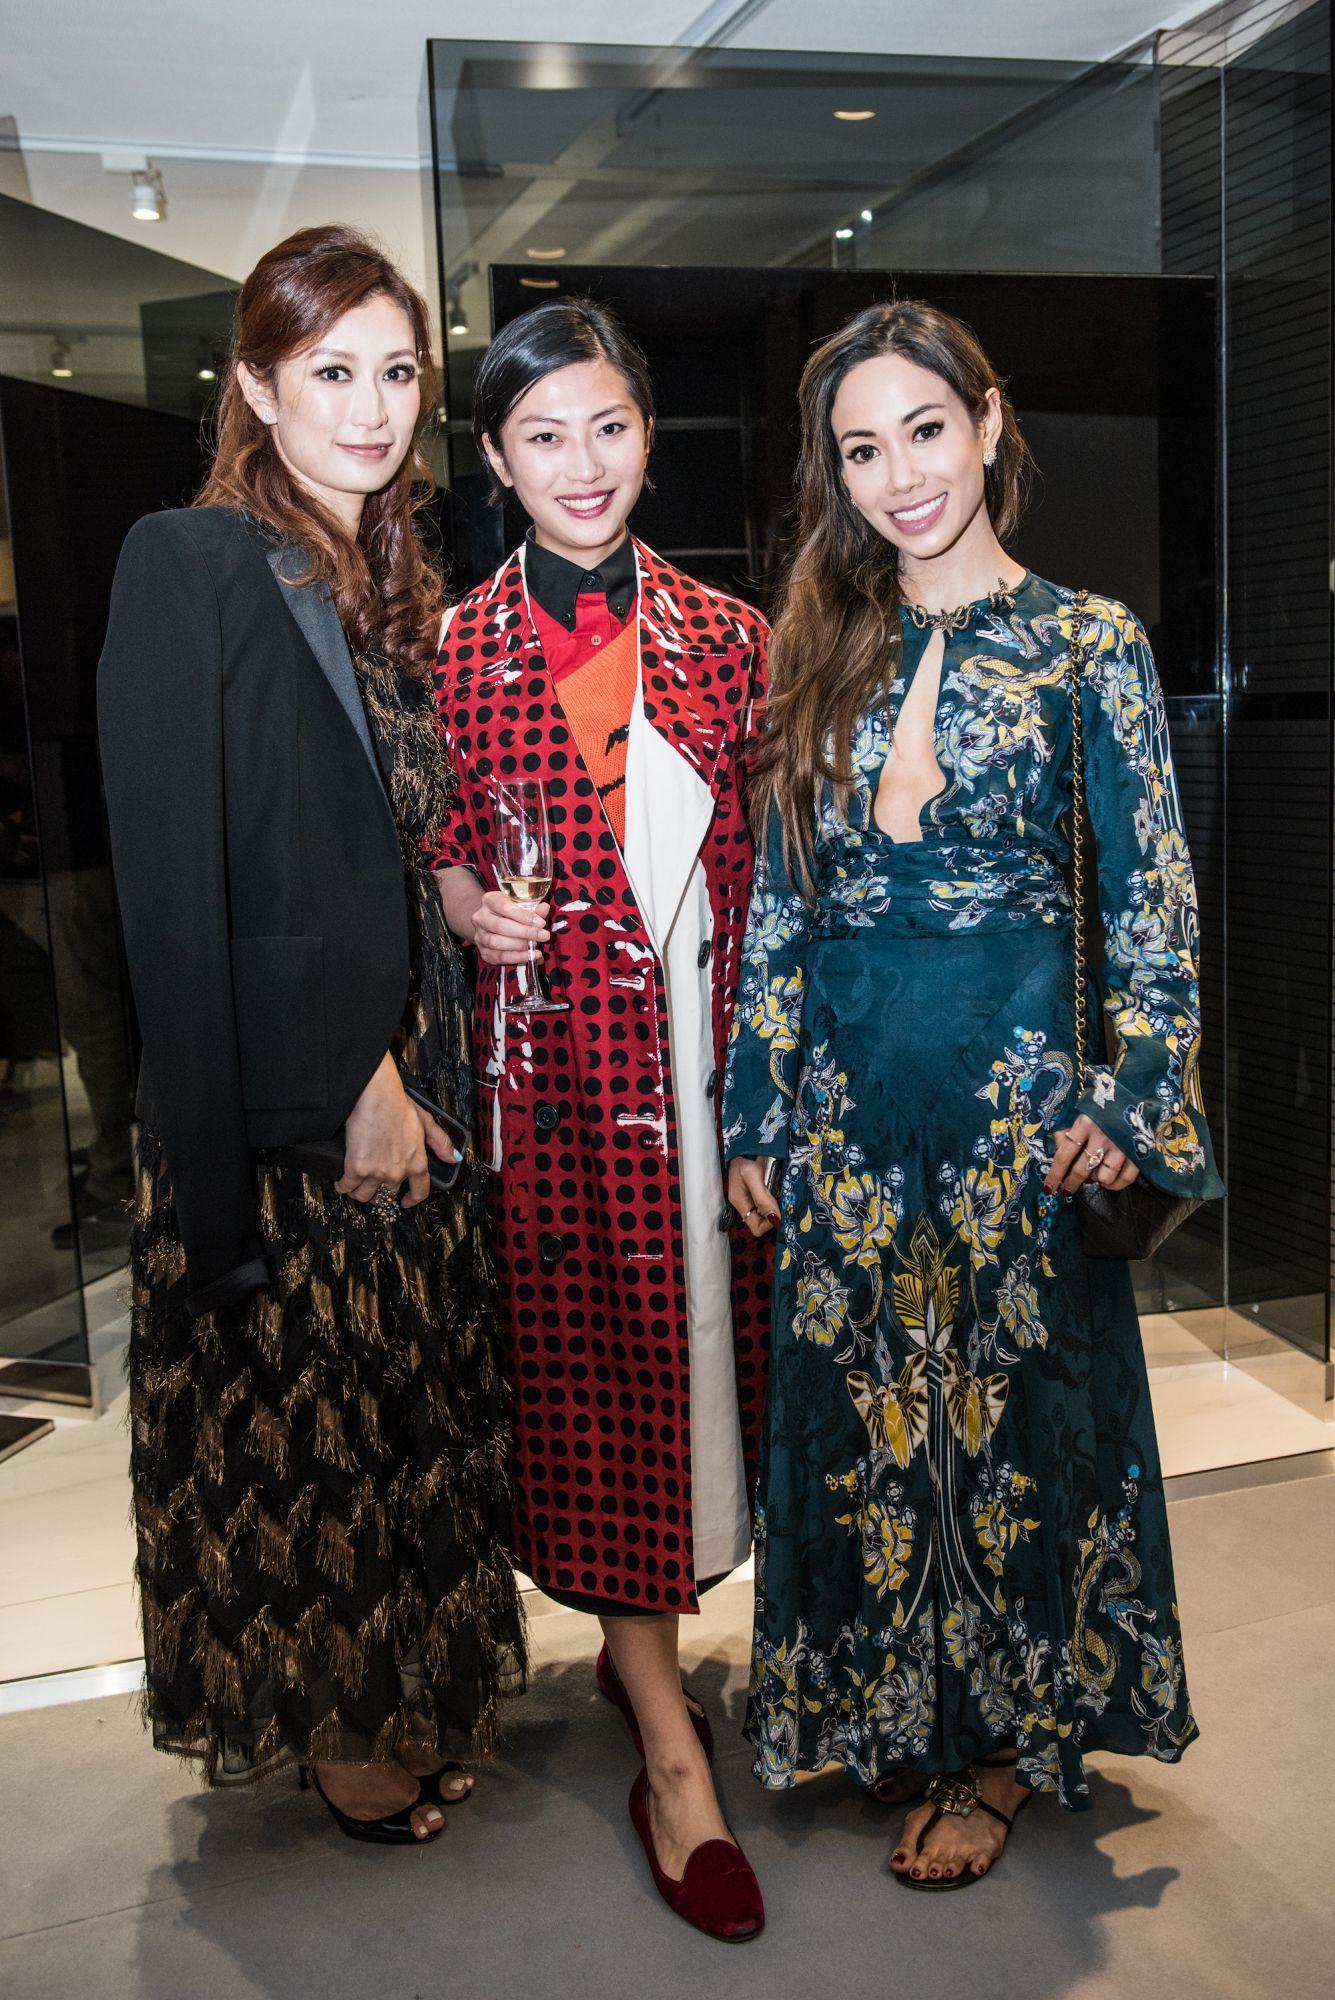 Colleen Fung, Laura Cheung, Yen Kuok